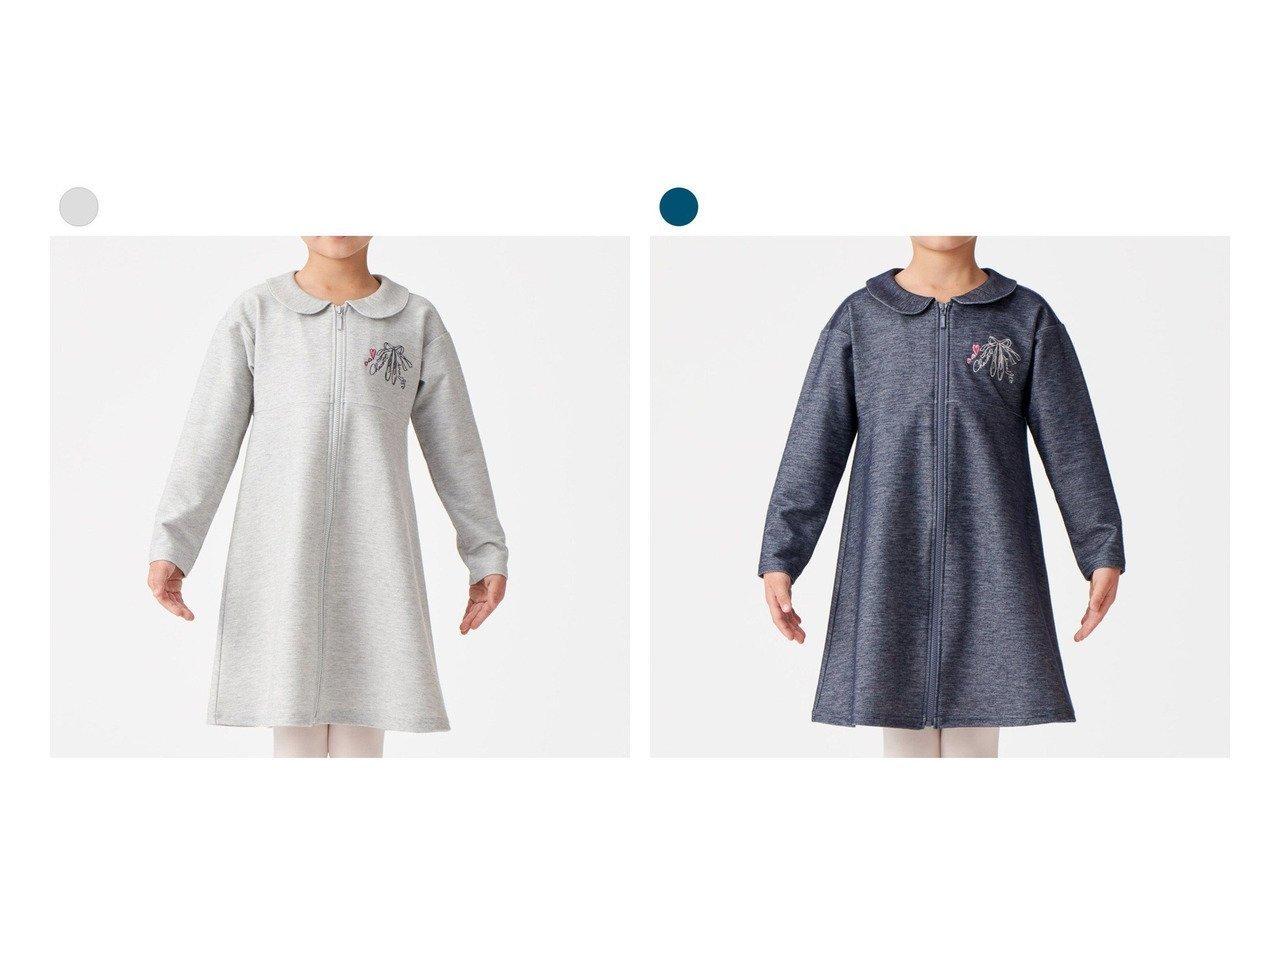 【Chacott / KIDS/チャコット】の【再入荷】ジップアップワンピース 【KIDS】子供服のおすすめ!人気トレンド・キッズファッションの通販 おすすめで人気の流行・トレンド、ファッションの通販商品 メンズファッション・キッズファッション・インテリア・家具・レディースファッション・服の通販 founy(ファニー) https://founy.com/ ファッション Fashion キッズファッション KIDS ワンピース Dress/Kids バレエ 人気 再入荷 Restock/Back in Stock/Re Arrival |ID:crp329100000030736